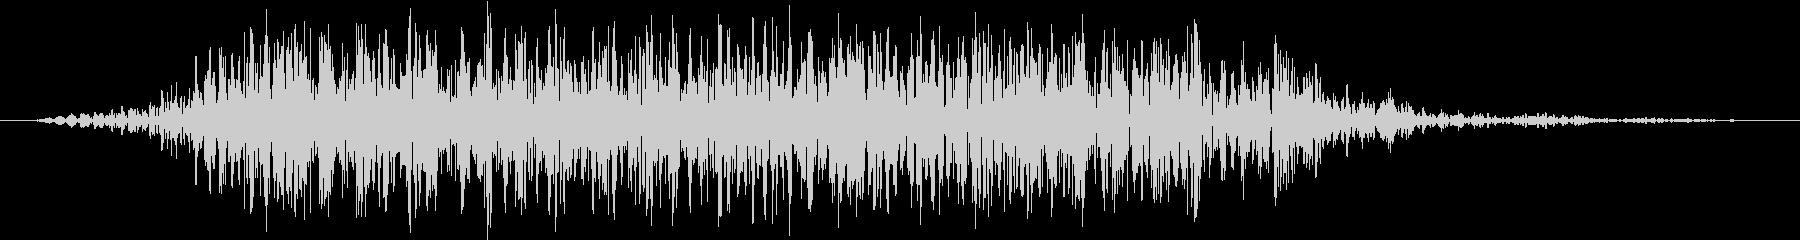 モンスター 悲鳴 47の未再生の波形